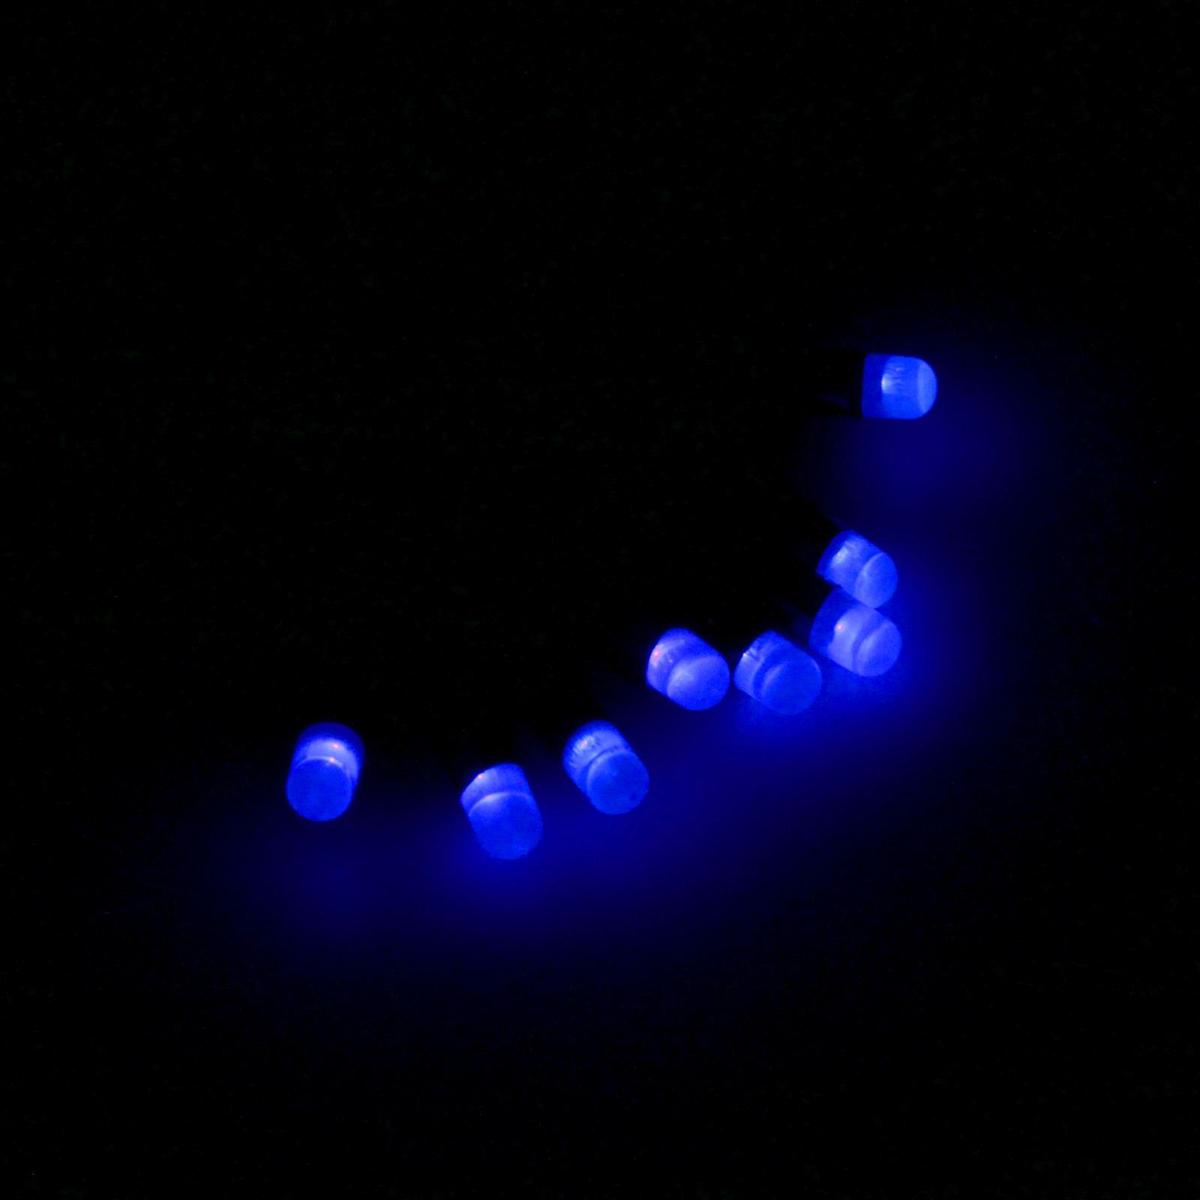 Гирлянда светодиодная Luazon Метраж. Лампочки, уличная с насадкой, 8 режимов, 40 ламп, 220 V, 5 м, цвет: синий. 185526185526Светодиодные гирлянды, ленты и т.д. — это отличный вариант для новогоднего оформления интерьера или фасада. С их помощью помещение любого размера можно превратить в праздничный зал, а внешние элементы зданий, украшенные ими, мгновенно станут напоминать очертания сказочного дворца. Такие украшения создают ауру предвкушения чуда. Деревья, фасады, витрины, окна и арки будто специально созданы, чтобы вы украсили их светящимися нитями.